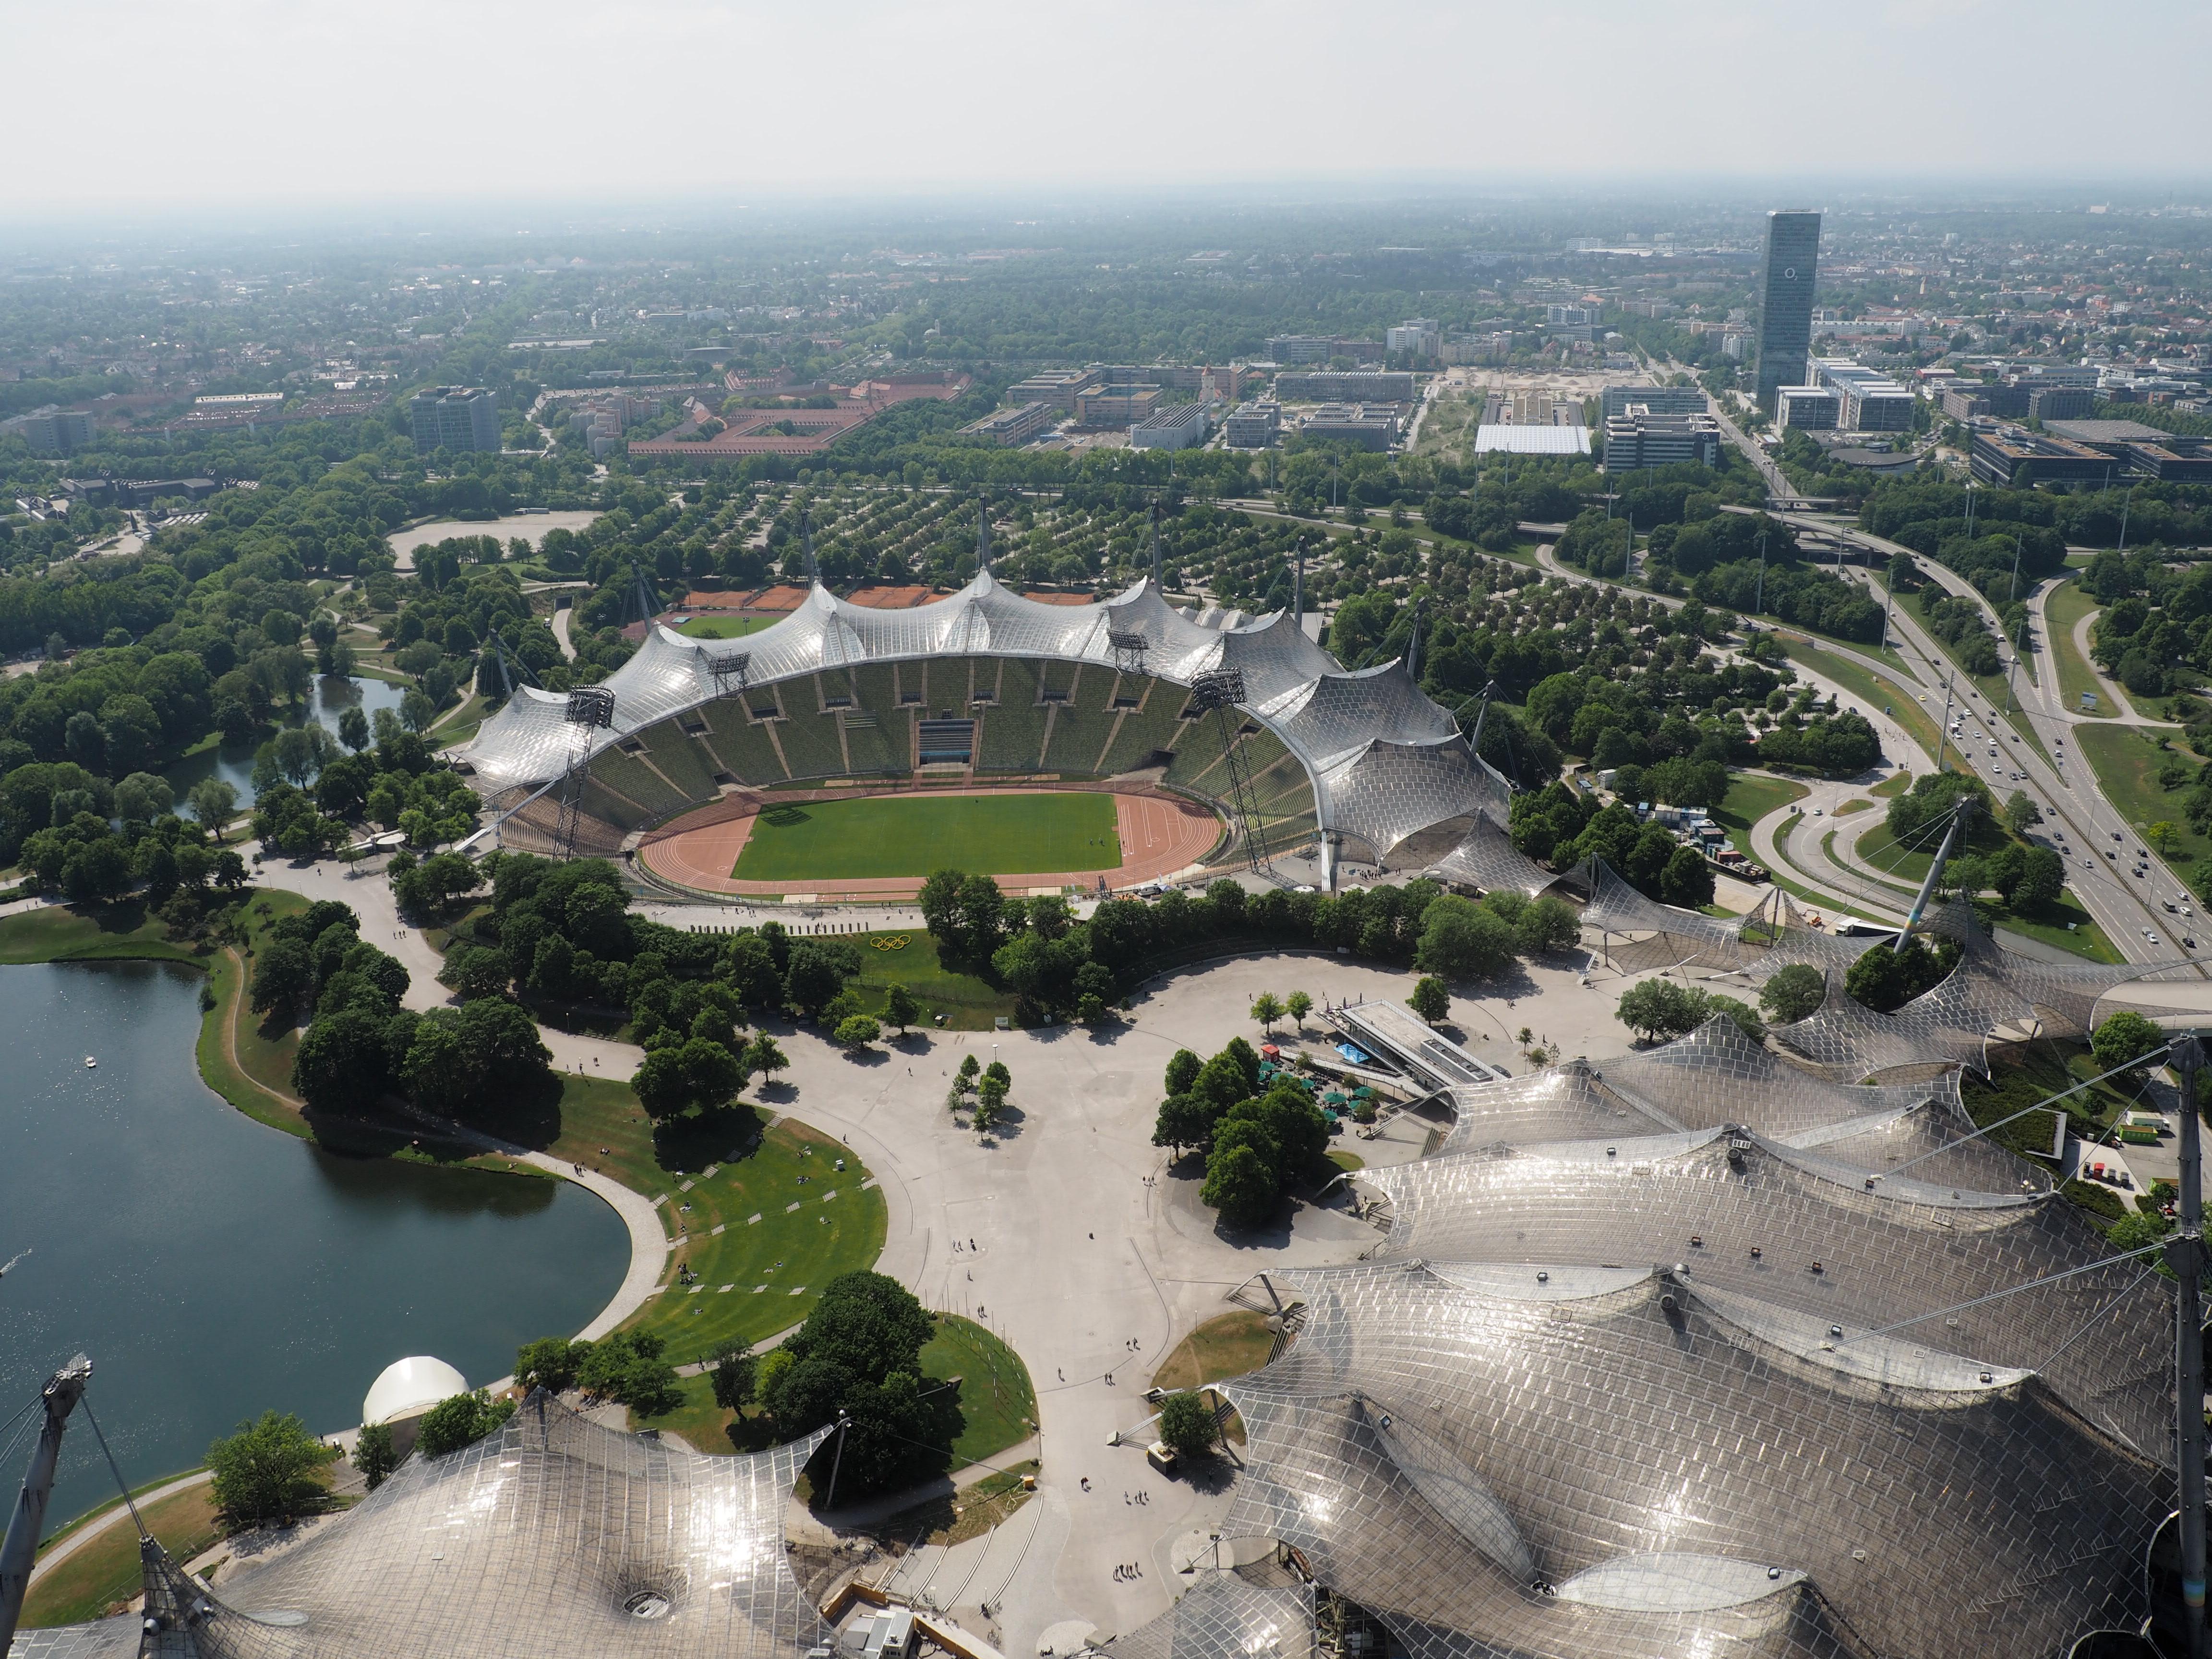 Fantastische Aussicht vom Olympiaturm auf das Stadion und die Olympiahalle in München mit ihrer besonderen Architektur